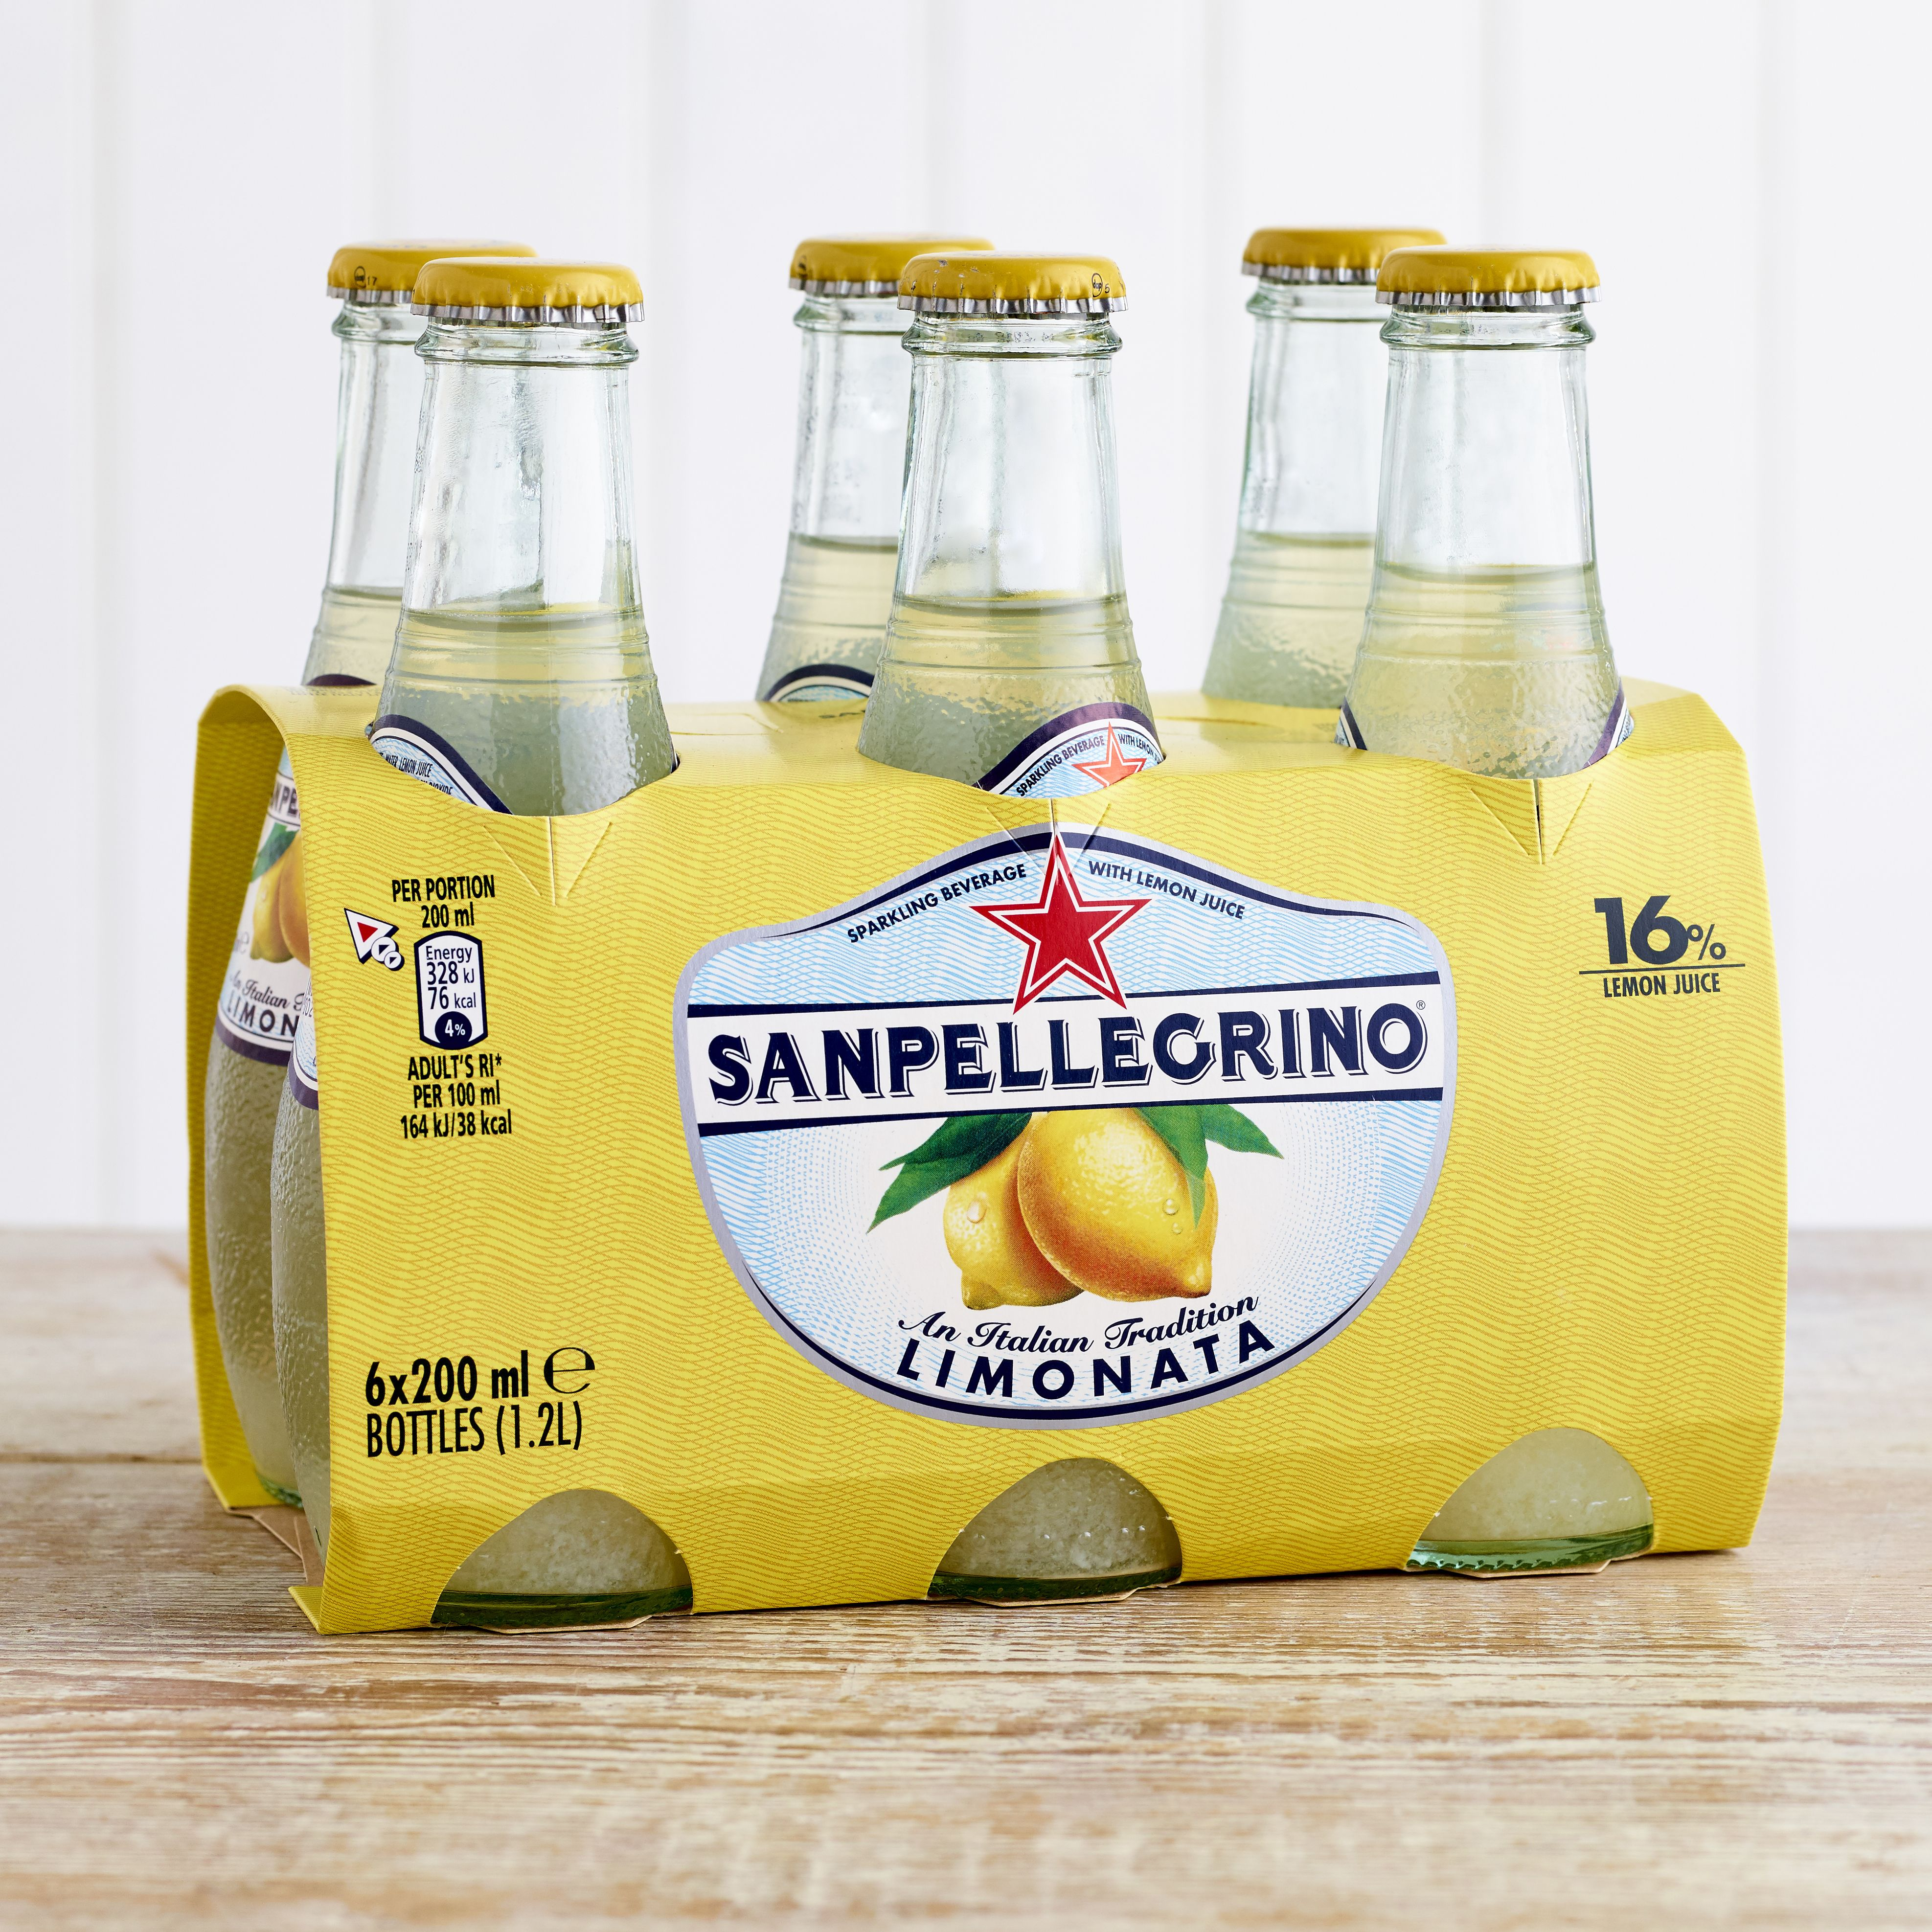 San Pellegrino Limonata Glass Bottle, 6 x 200ml